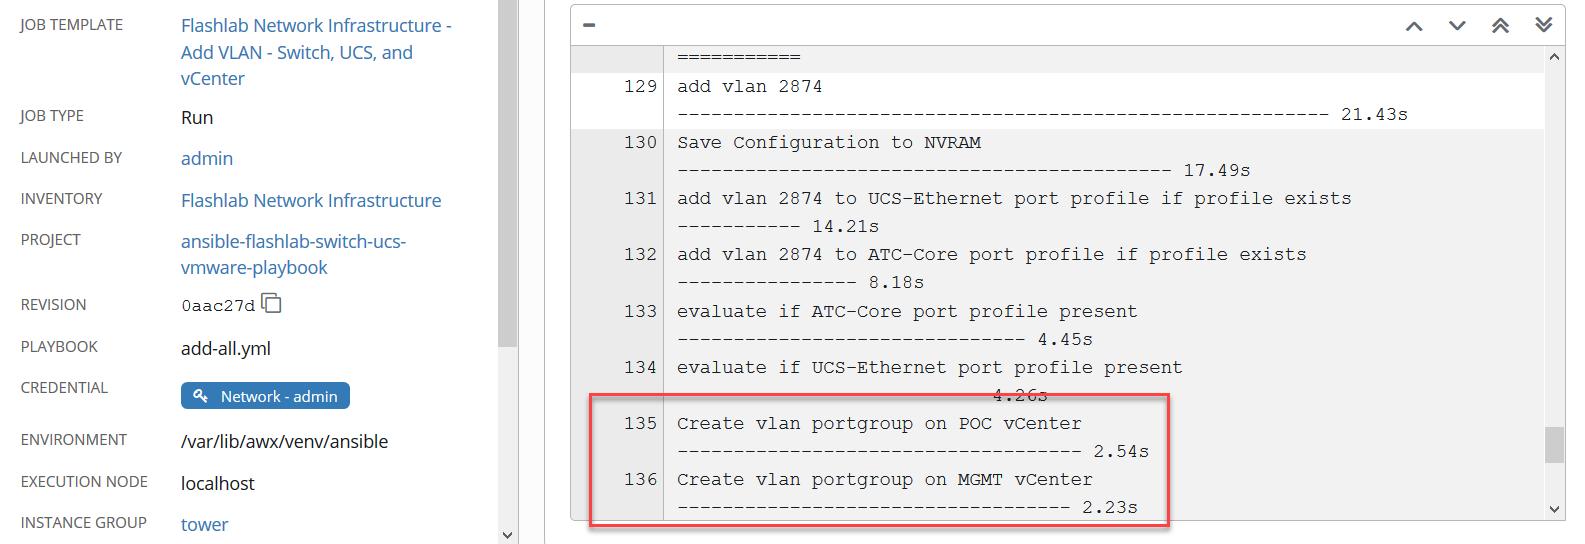 Add VLAN to vCenter